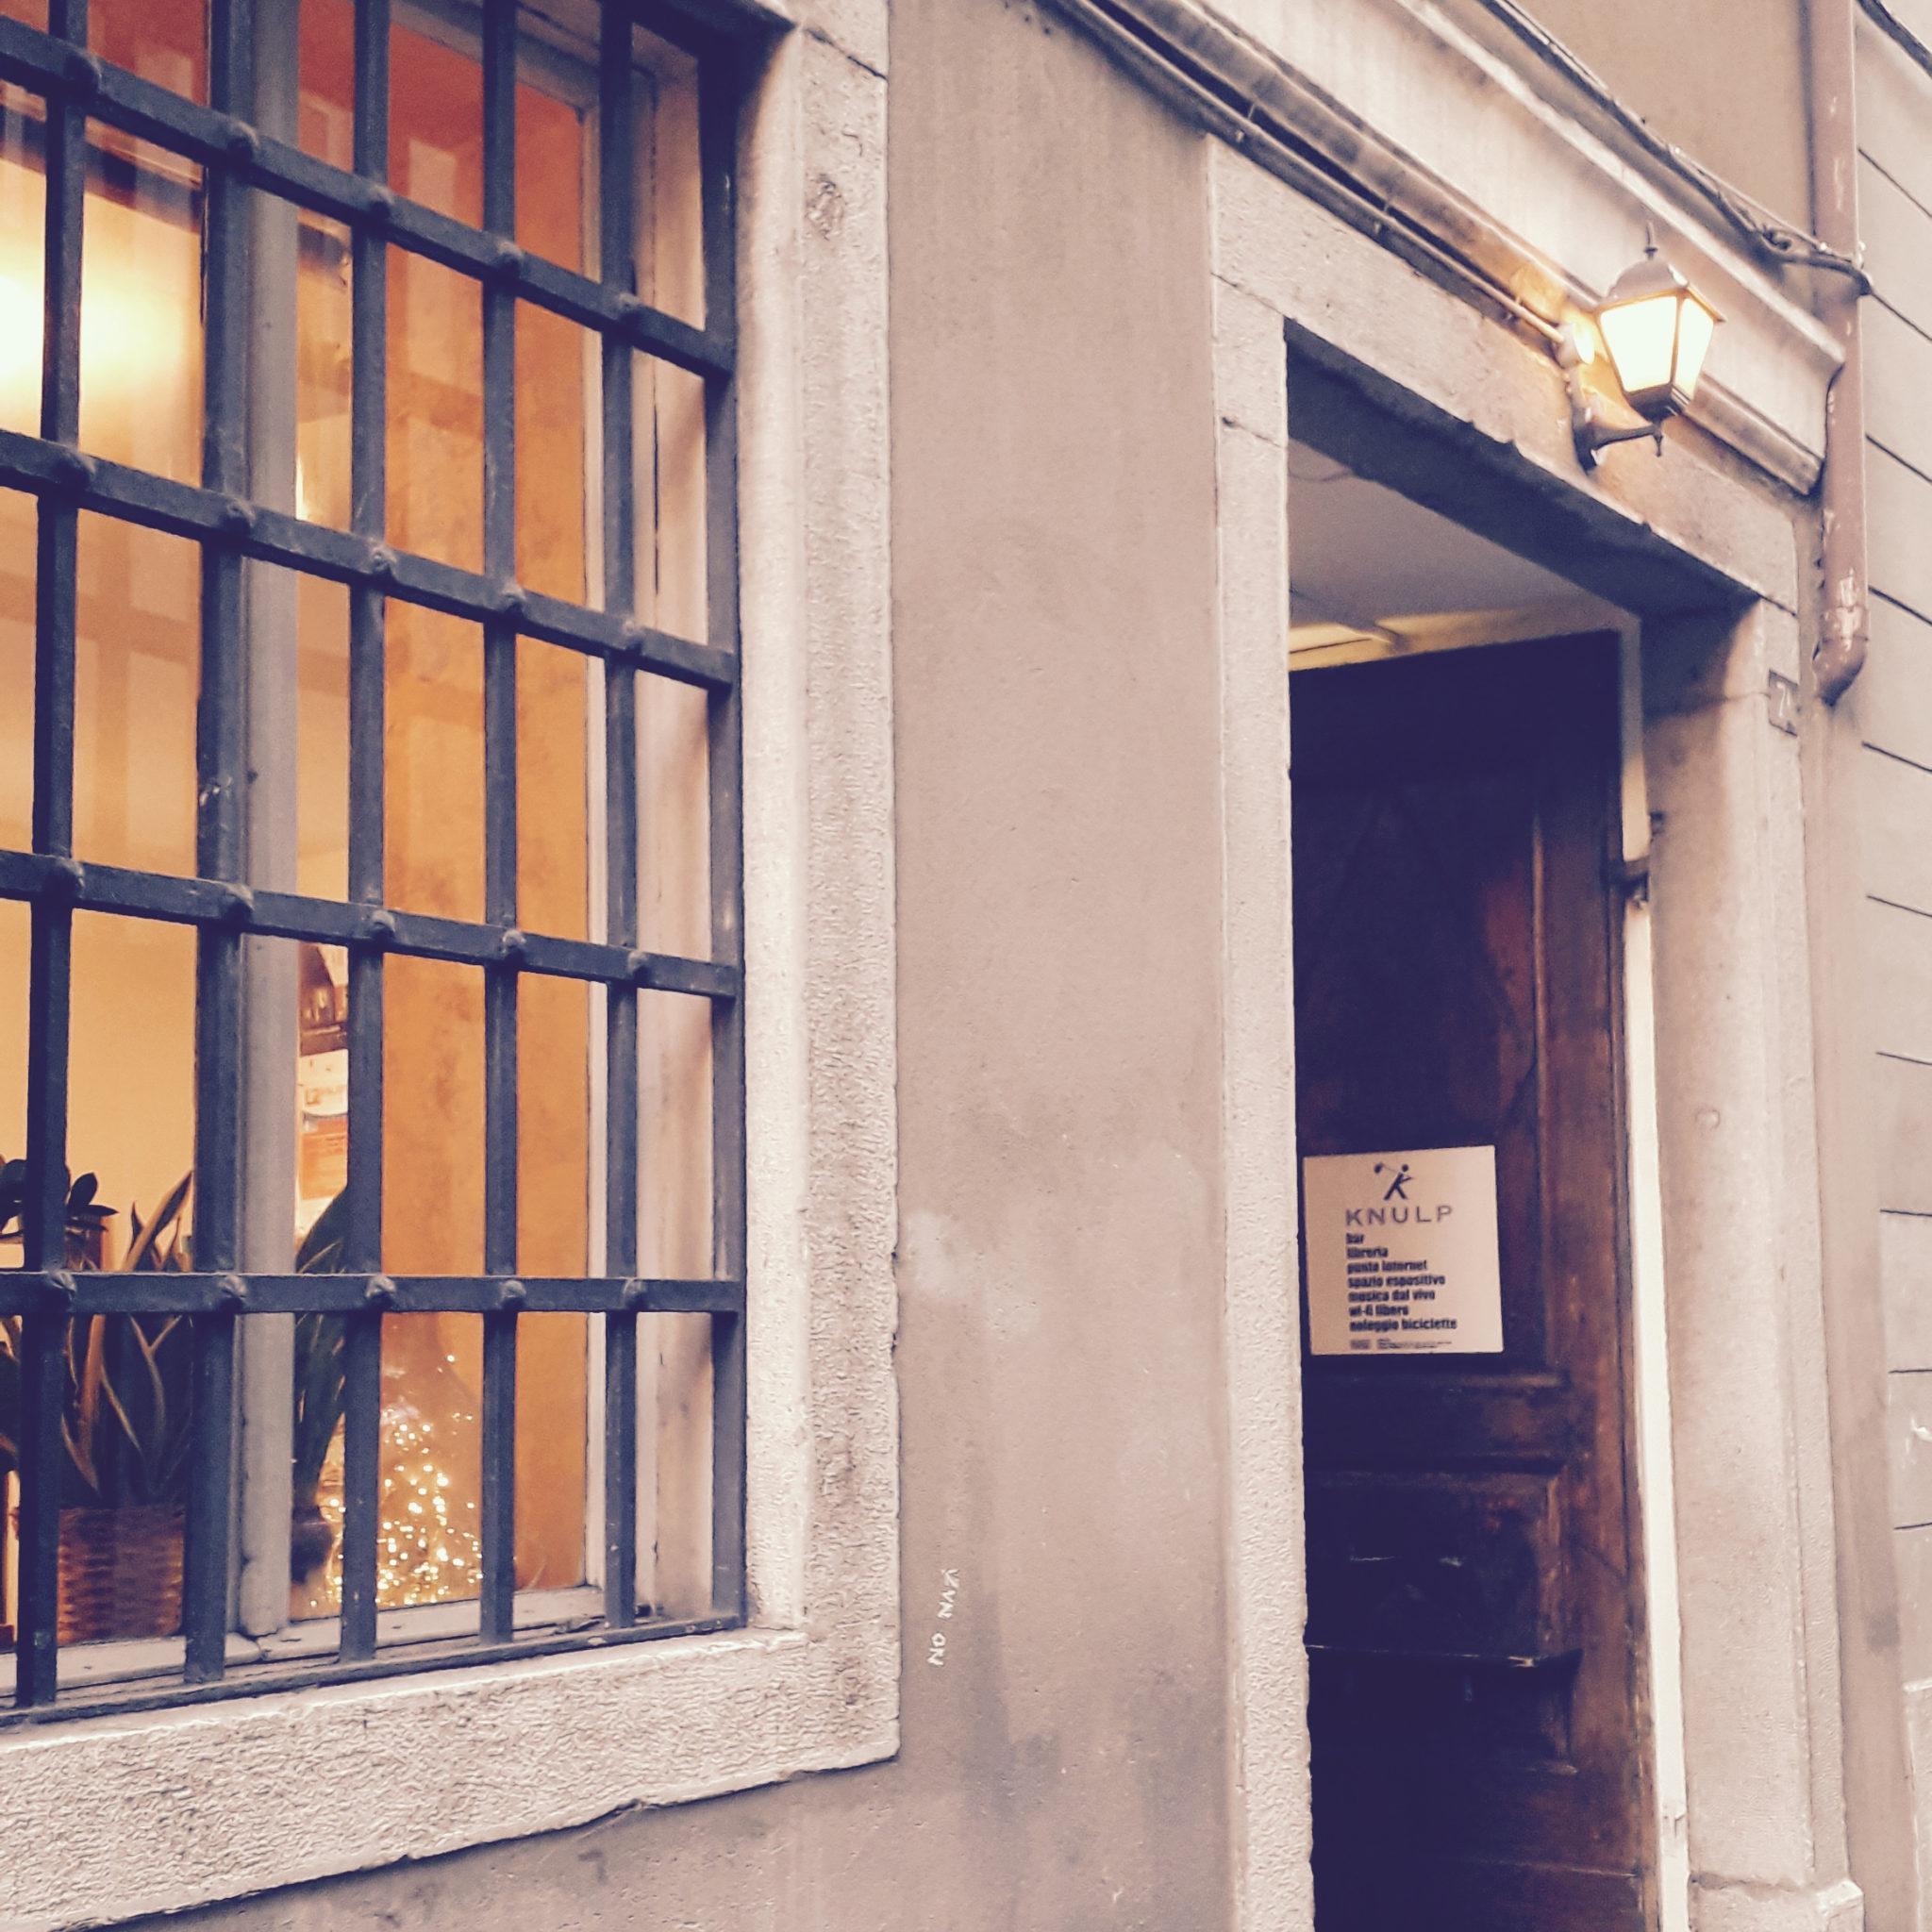 Assaggi di torte, di teatro, di musica dal vivo, di libri e di cinema: Knulp, da più di 15 anni lo spazio senza confini nel centro storico di Trieste